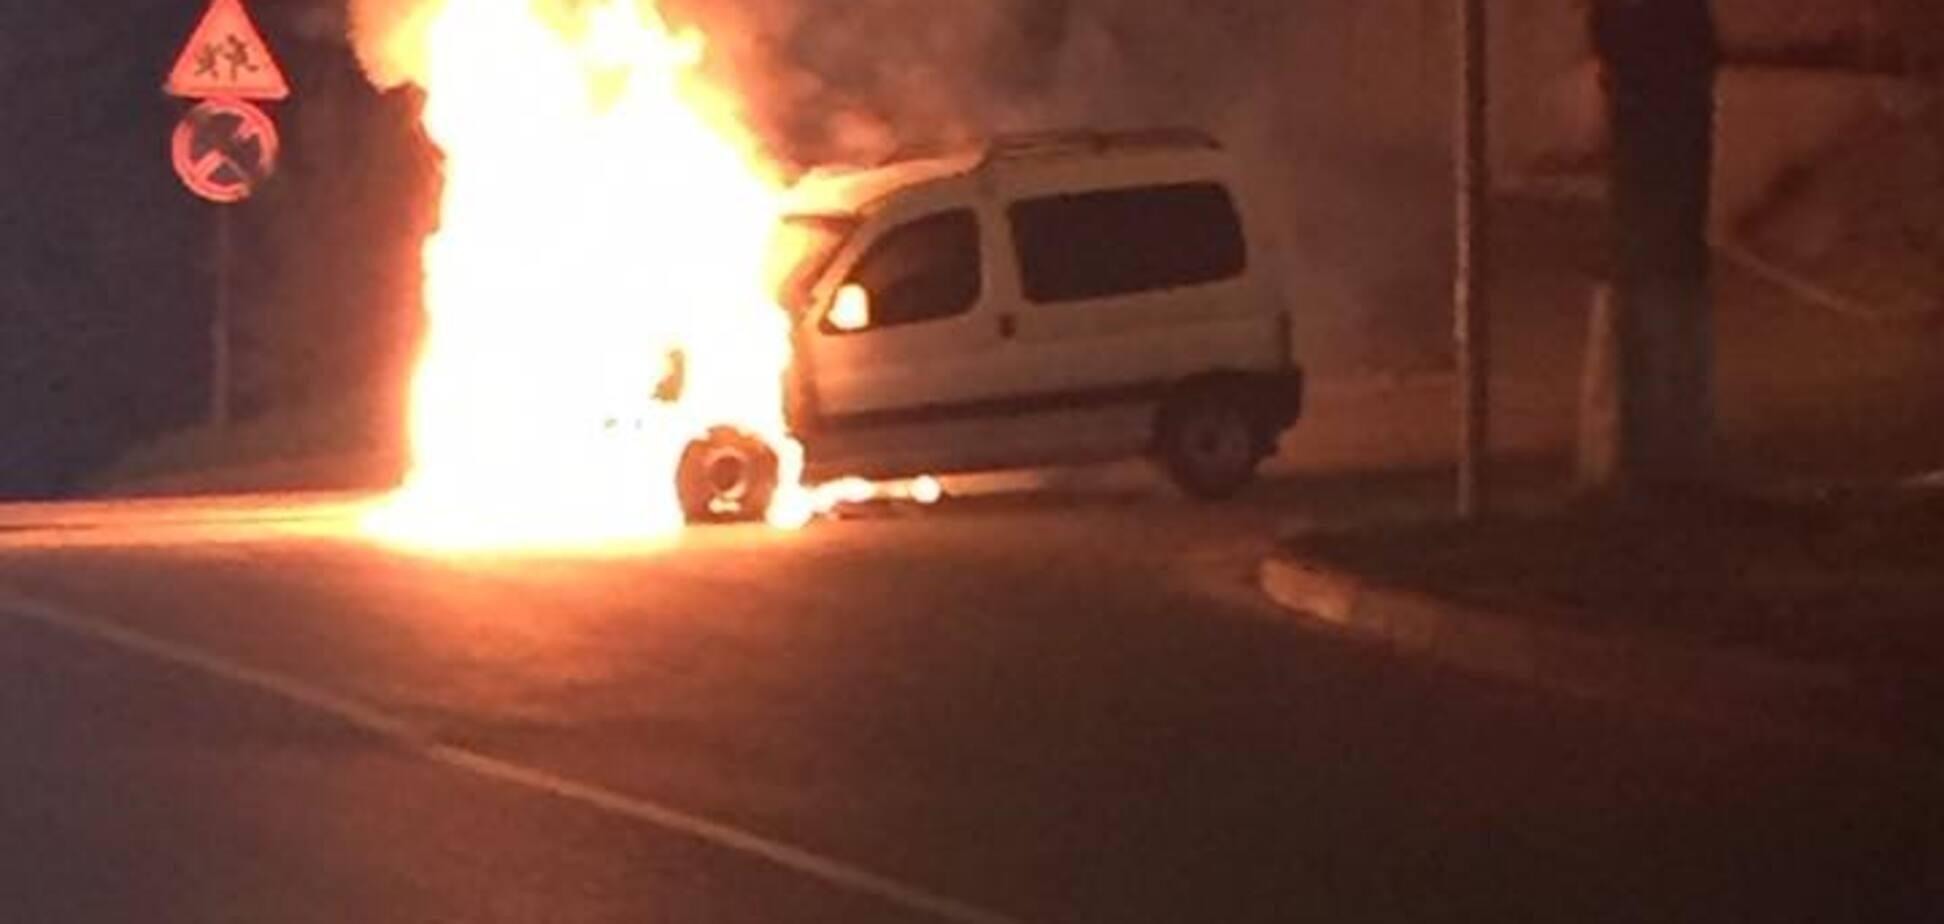 'Водитель и пассажиры выскочили': в Киеве на ходу загорелся автомобиль